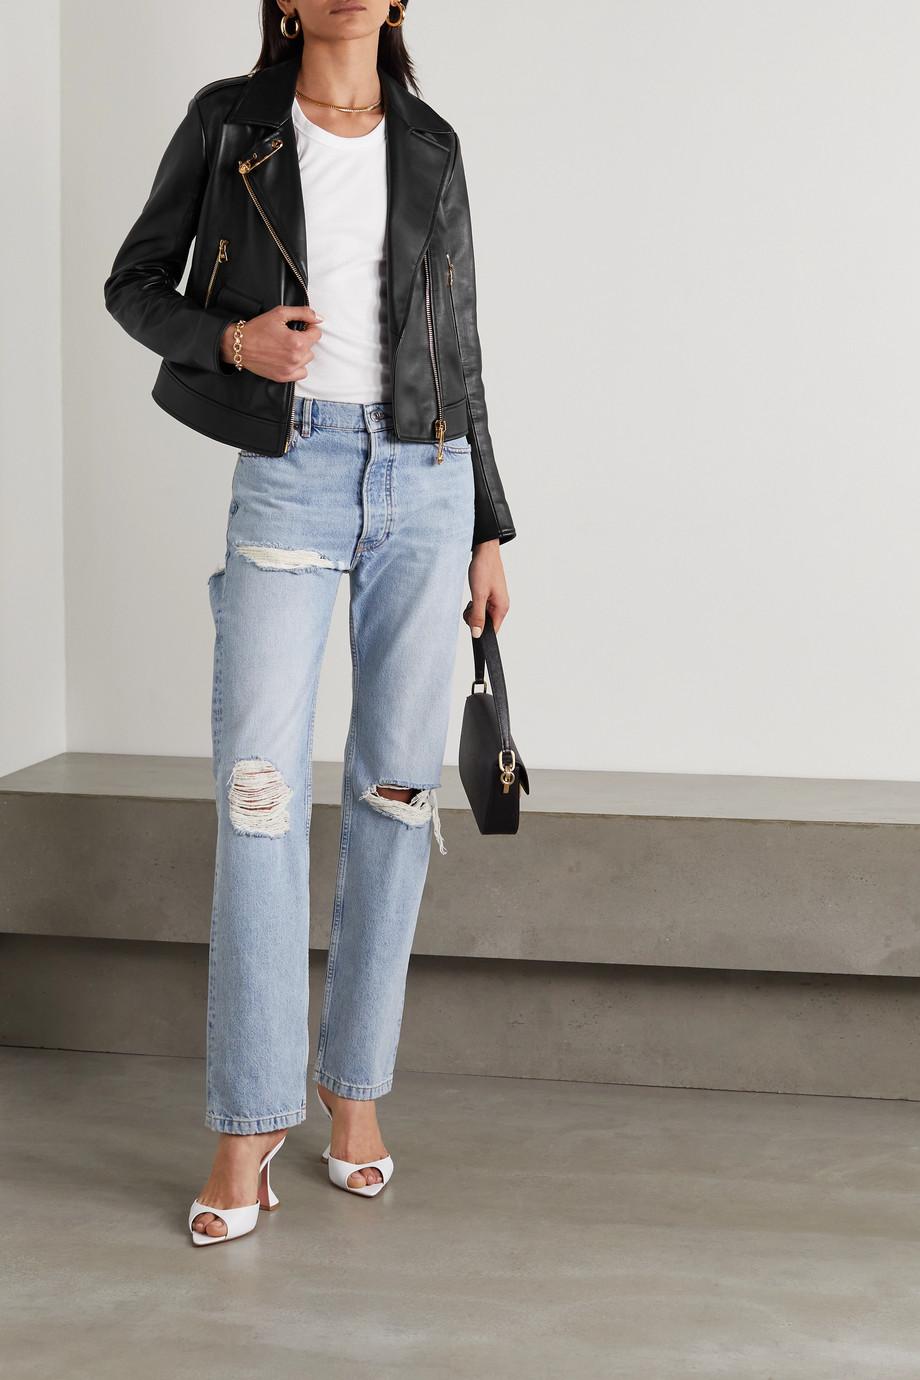 Versace Bikerjacke aus Leder mit Verzierungen